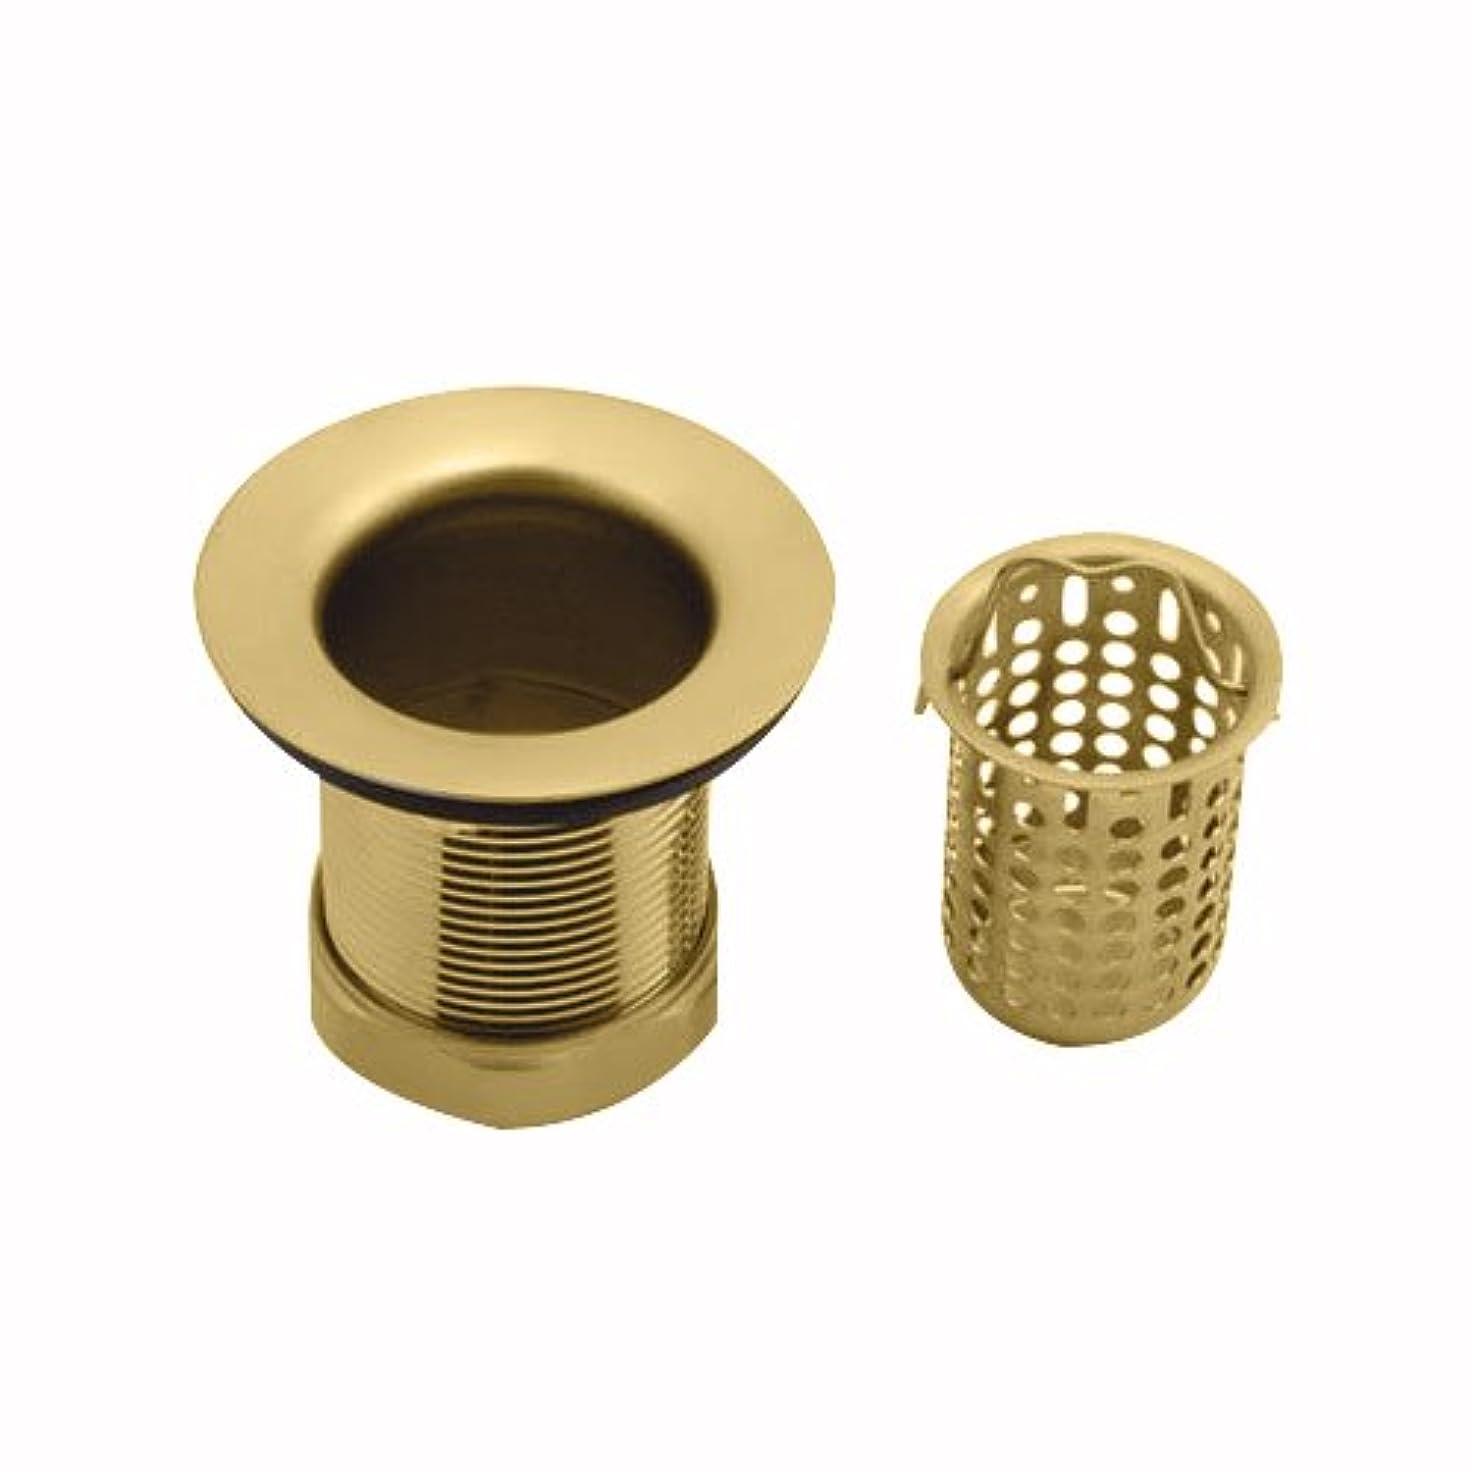 農場バッテリー検索Jaclo 2826-pb DeepカップバーSink Strainer、光沢真鍮